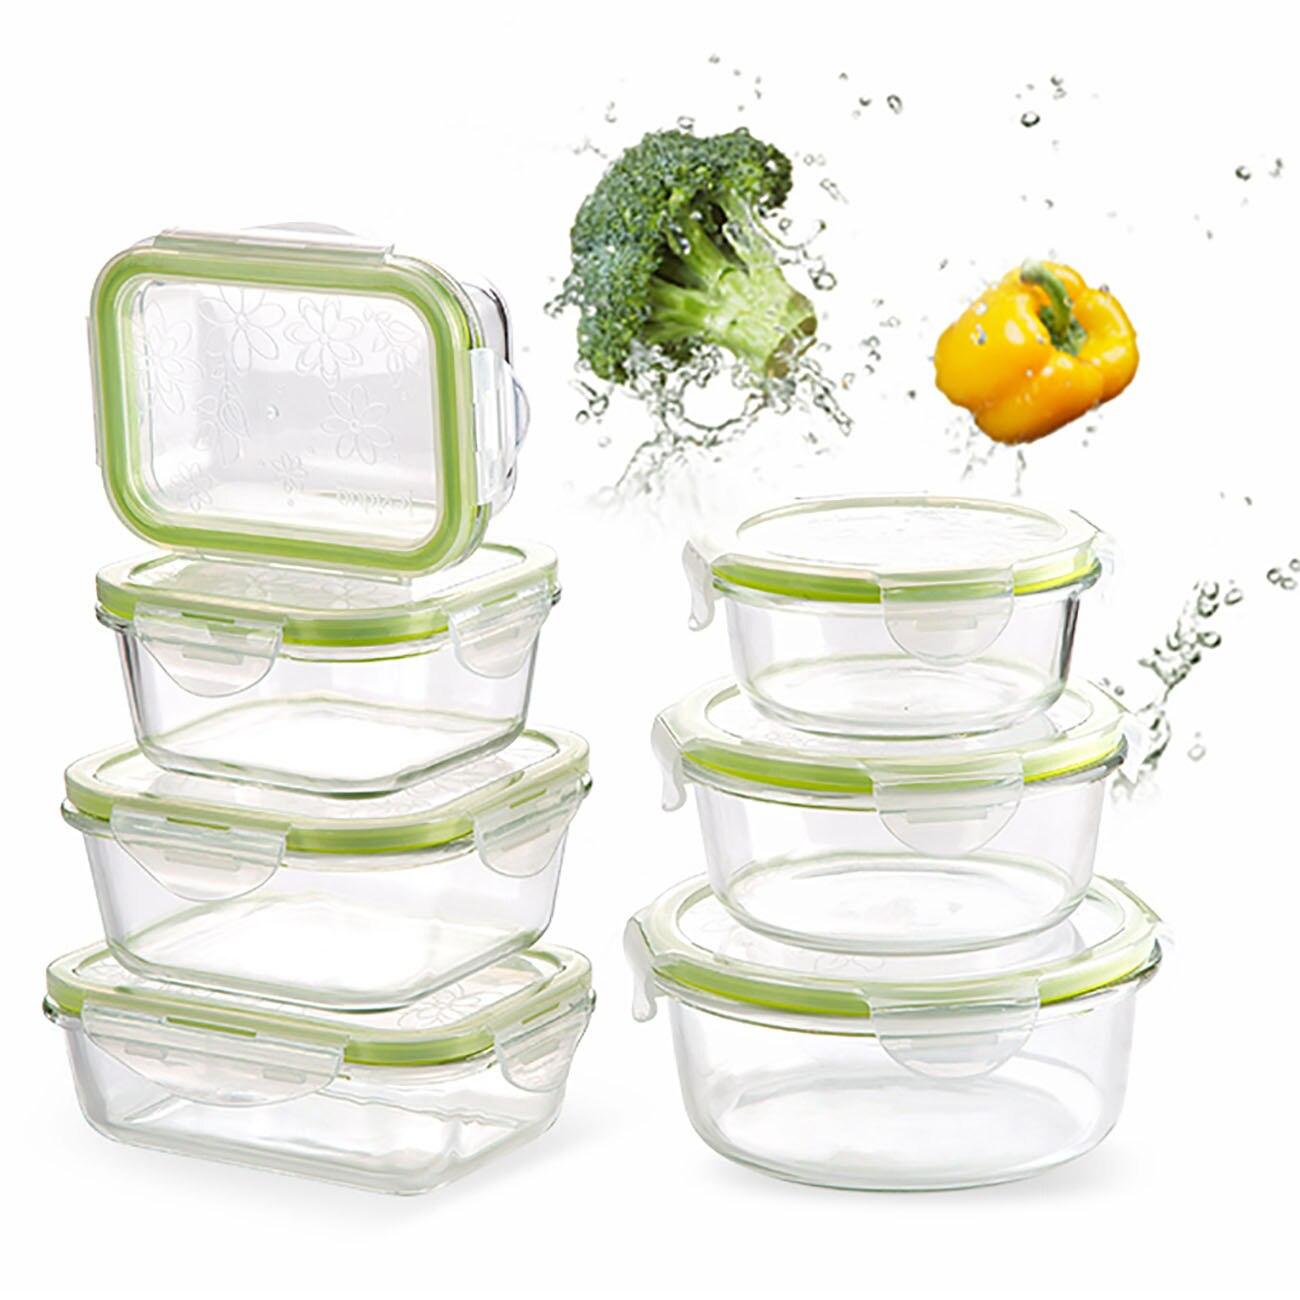 980/800ML cam yemek kabı mikrodalga fırın ısıtma soğutmalı mühürlü sızdırmaz gıda konteyner şeffaf borosilikat Bento kutusu